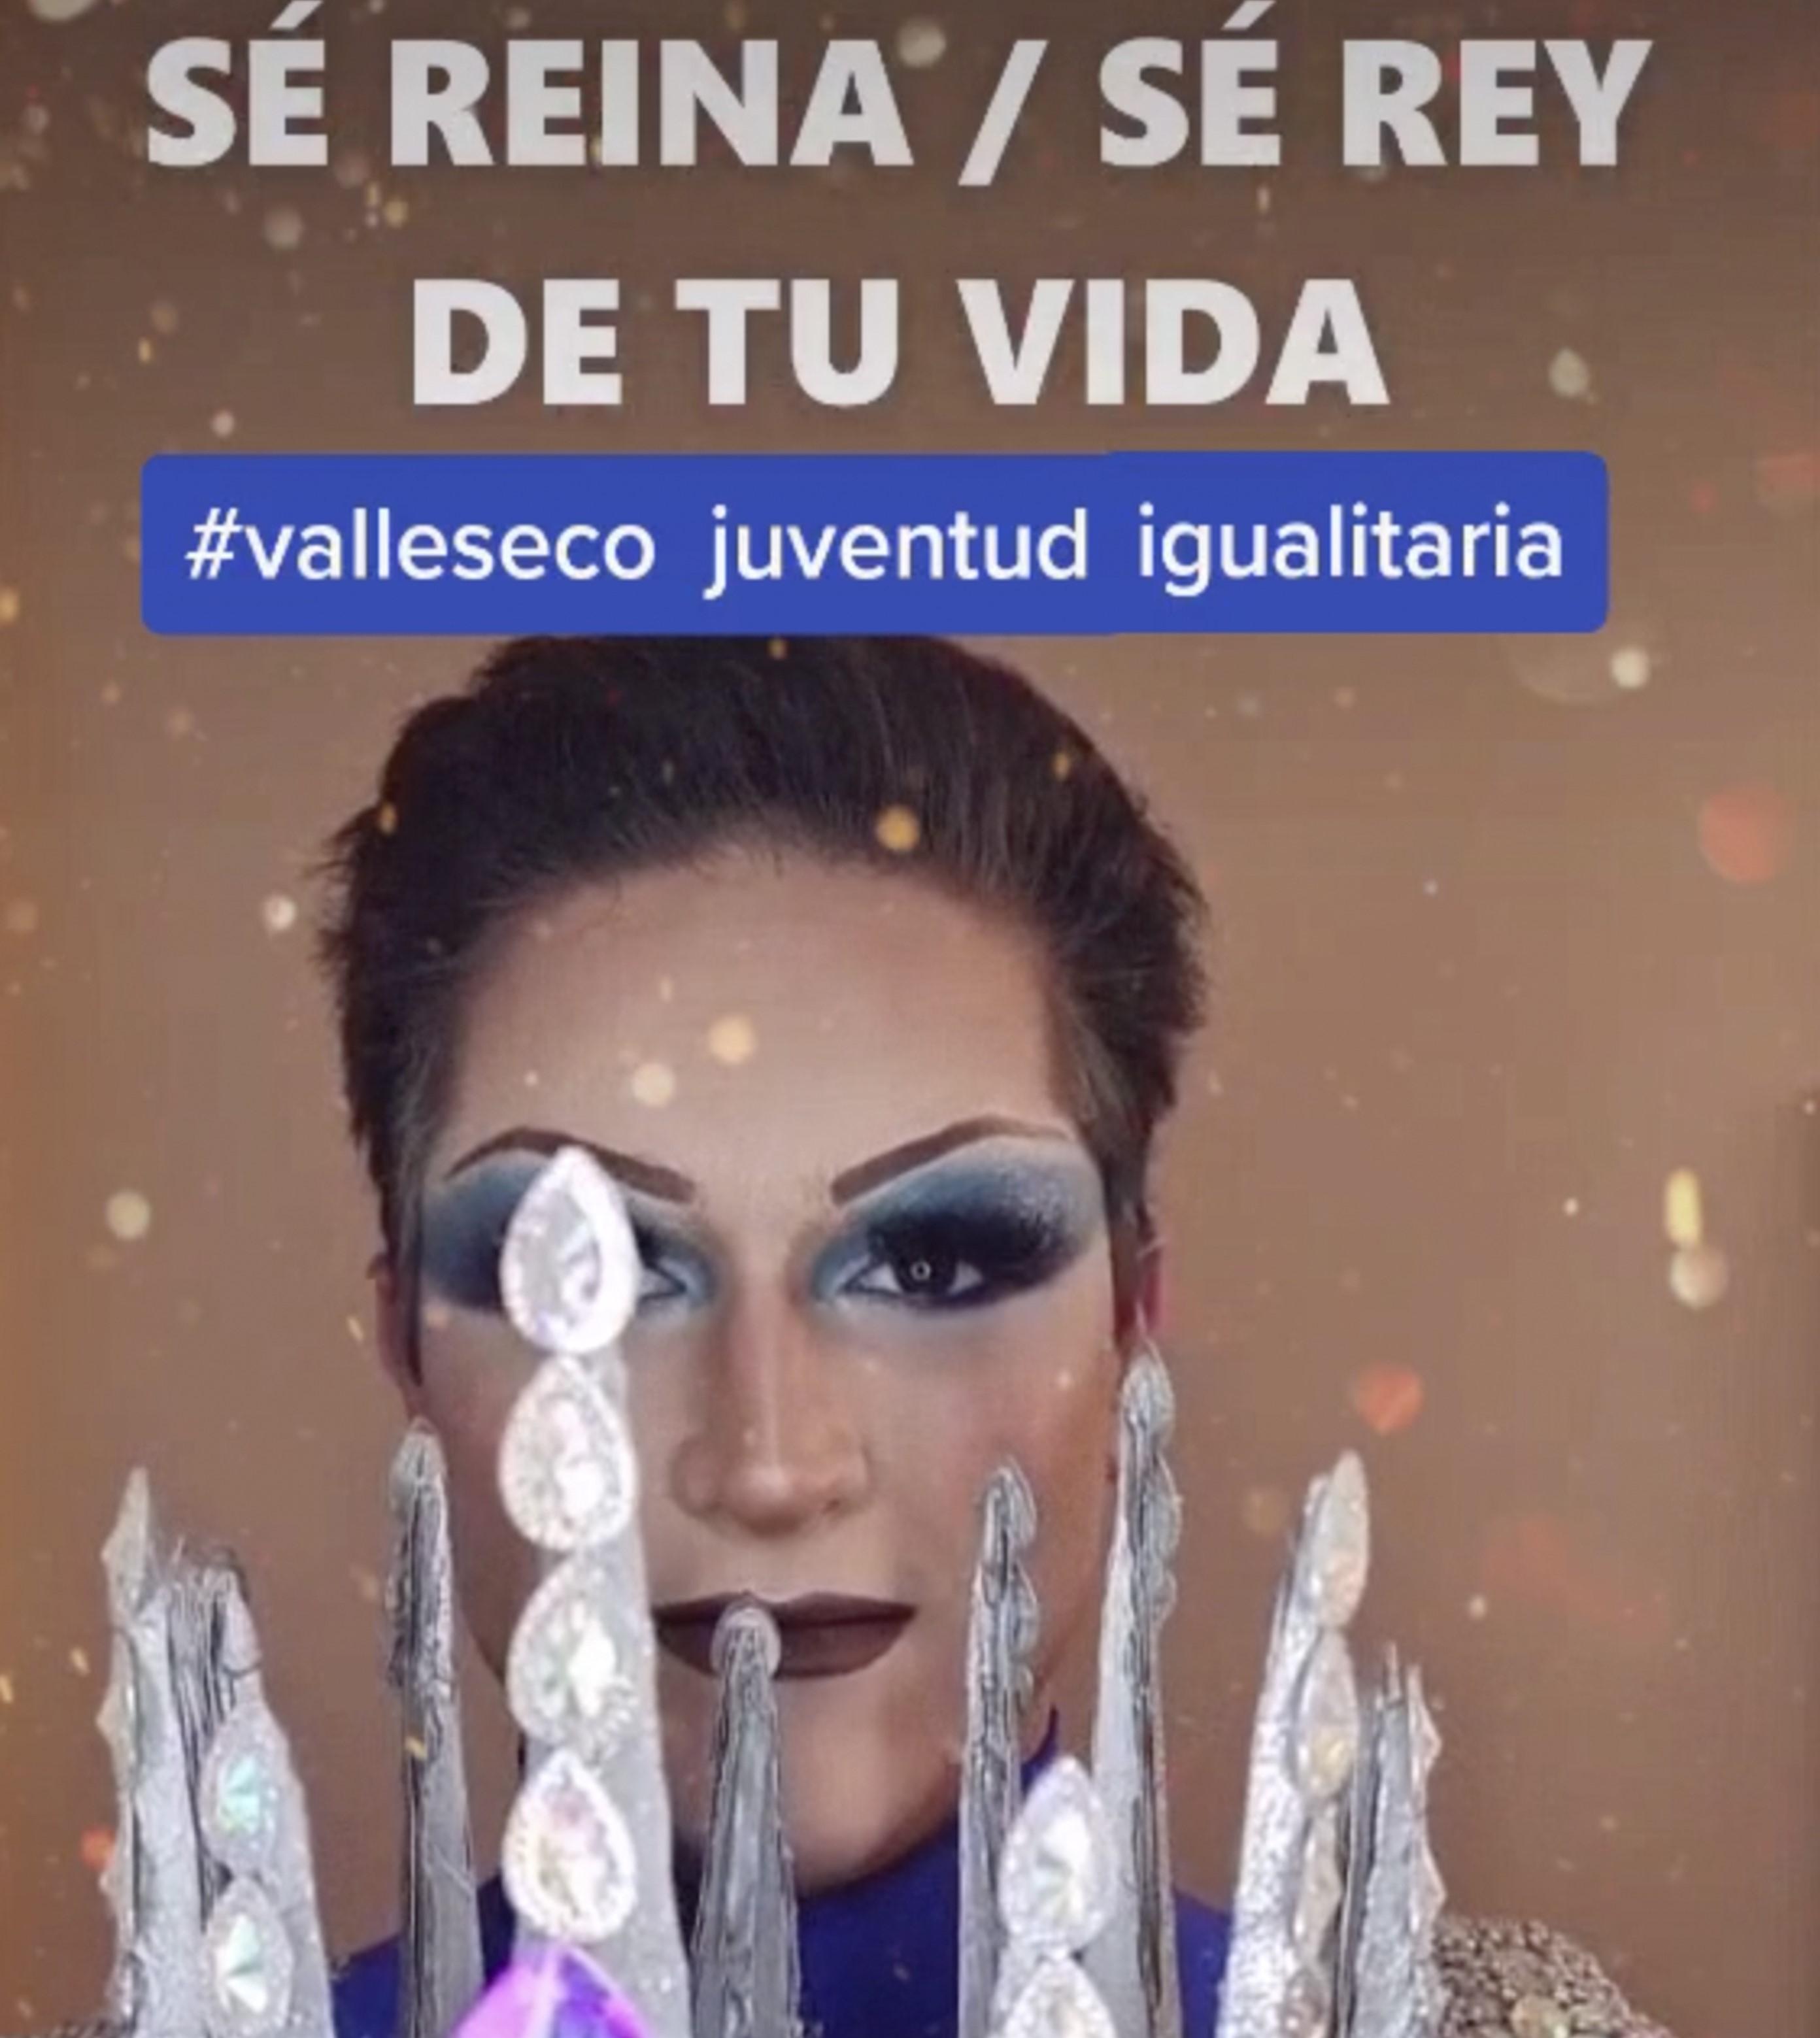 """Cartel ganador del concurso de TikTok """"Juventud igualitaria"""" de Valleseco / Canarias Noticias.es"""